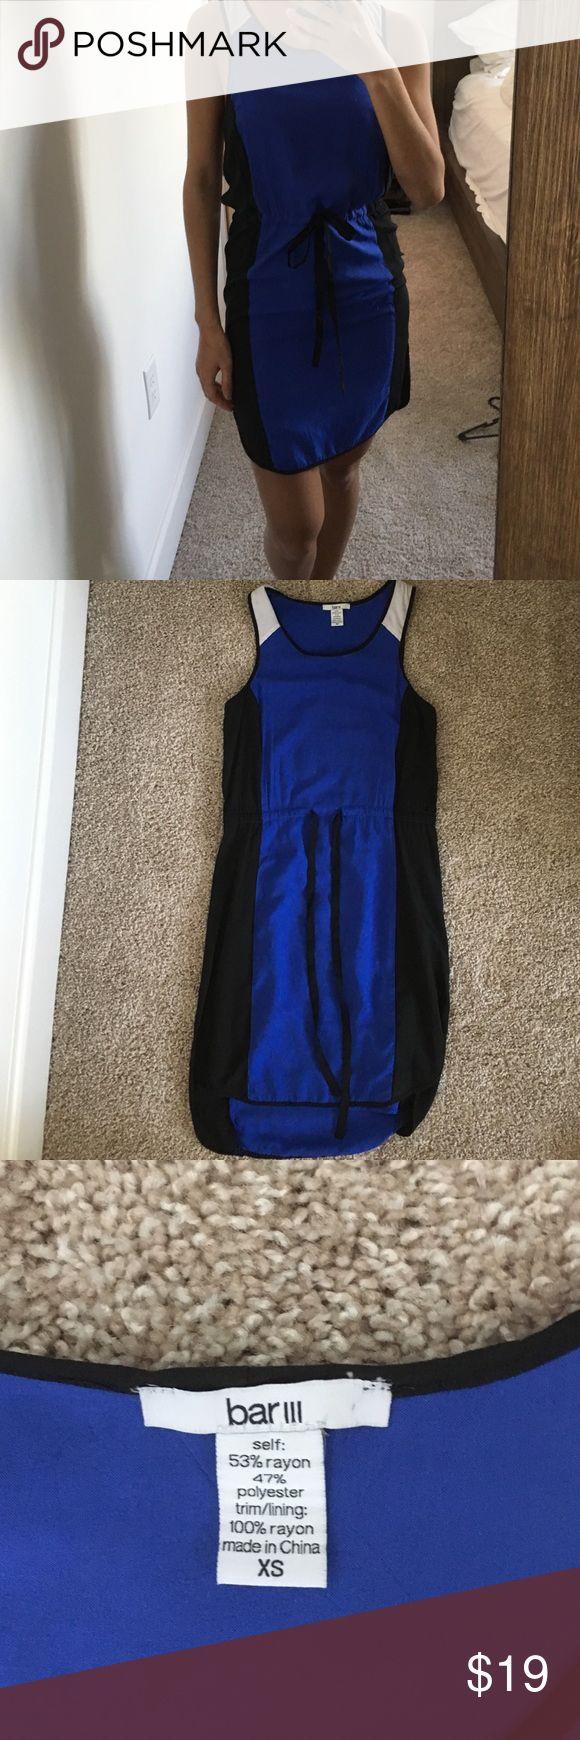 Bar lll. Color block dress Bar lll. Blue/black color block dress. Beautiful, dressy material. Bar III Dresses